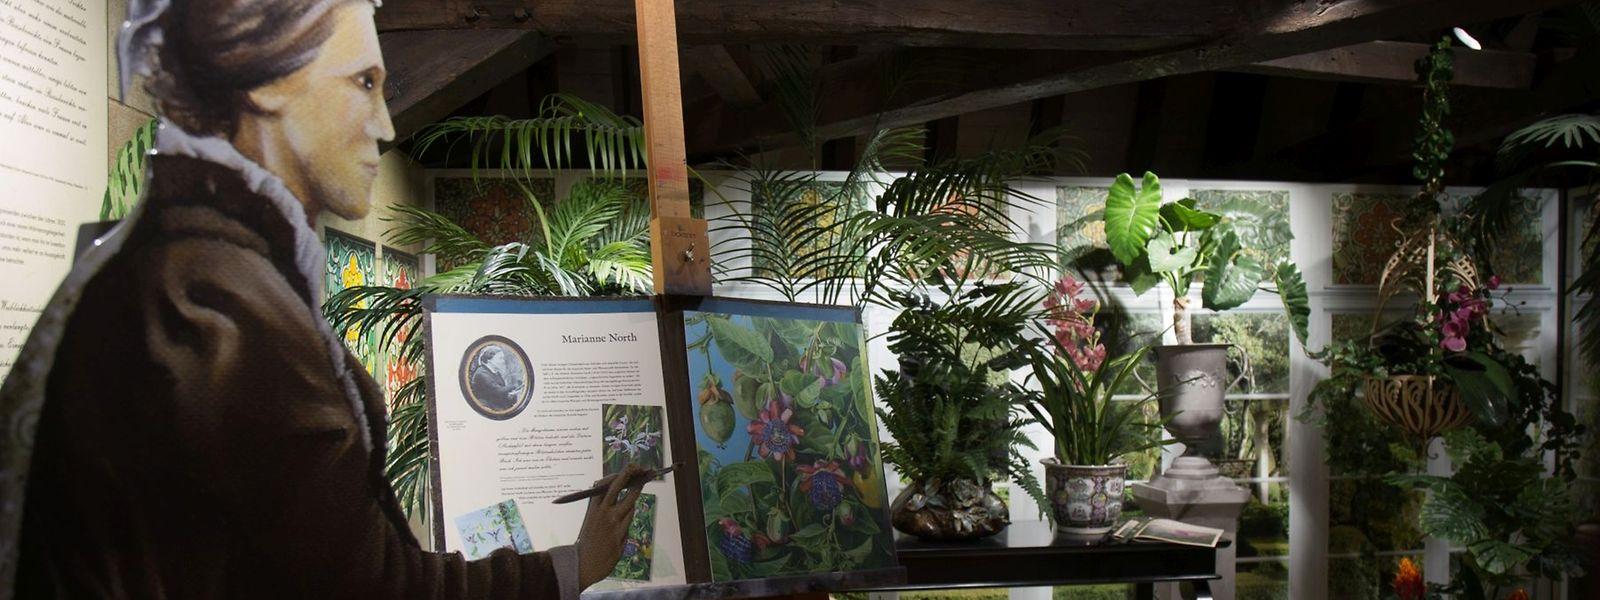 Eine Ausstellung über abenteuerlustige Luxemburger Naturforscher in Lateinamerika.